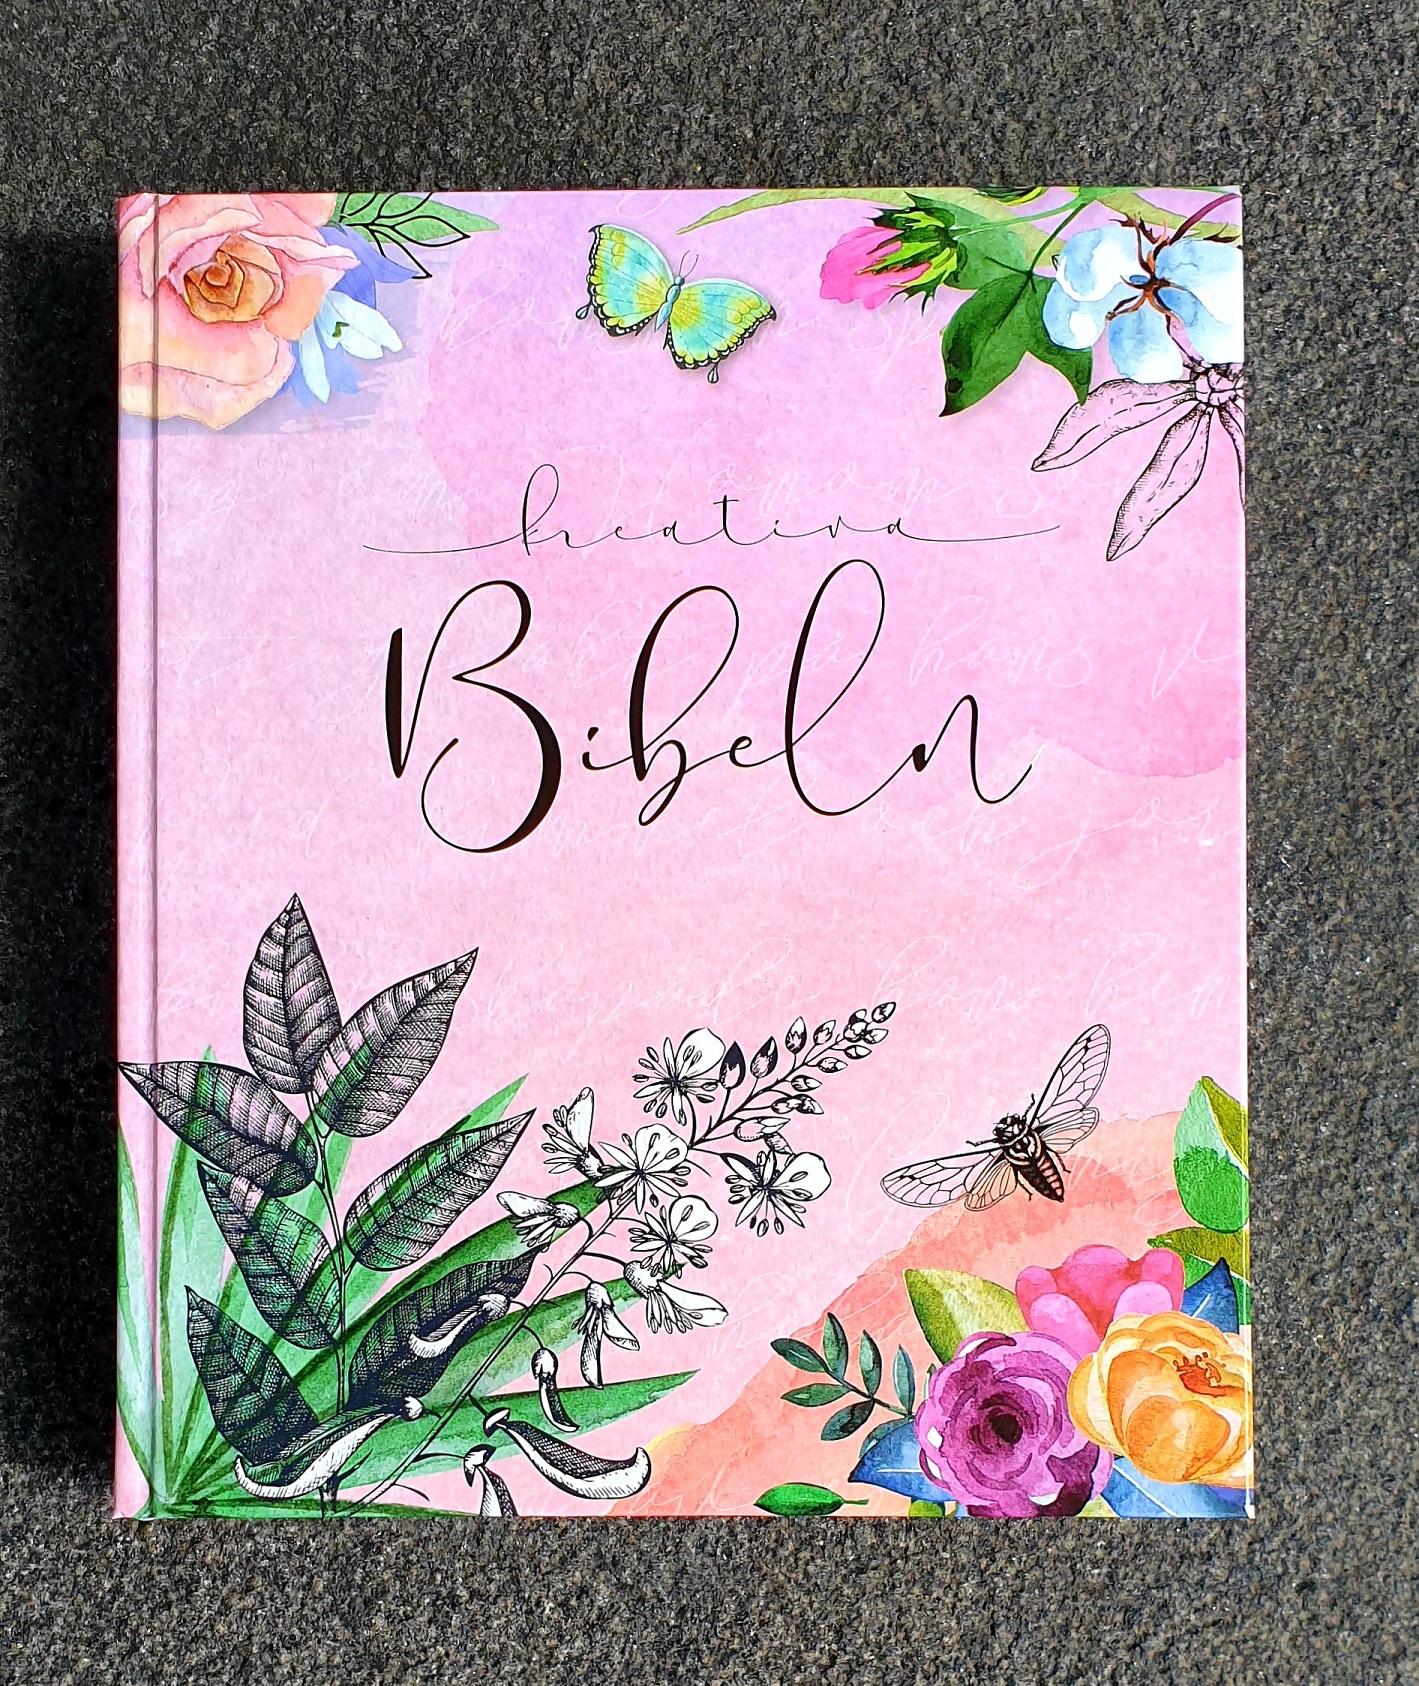 artikelnummer 2541 kreativ bibel rosa via bibelbutiken.se